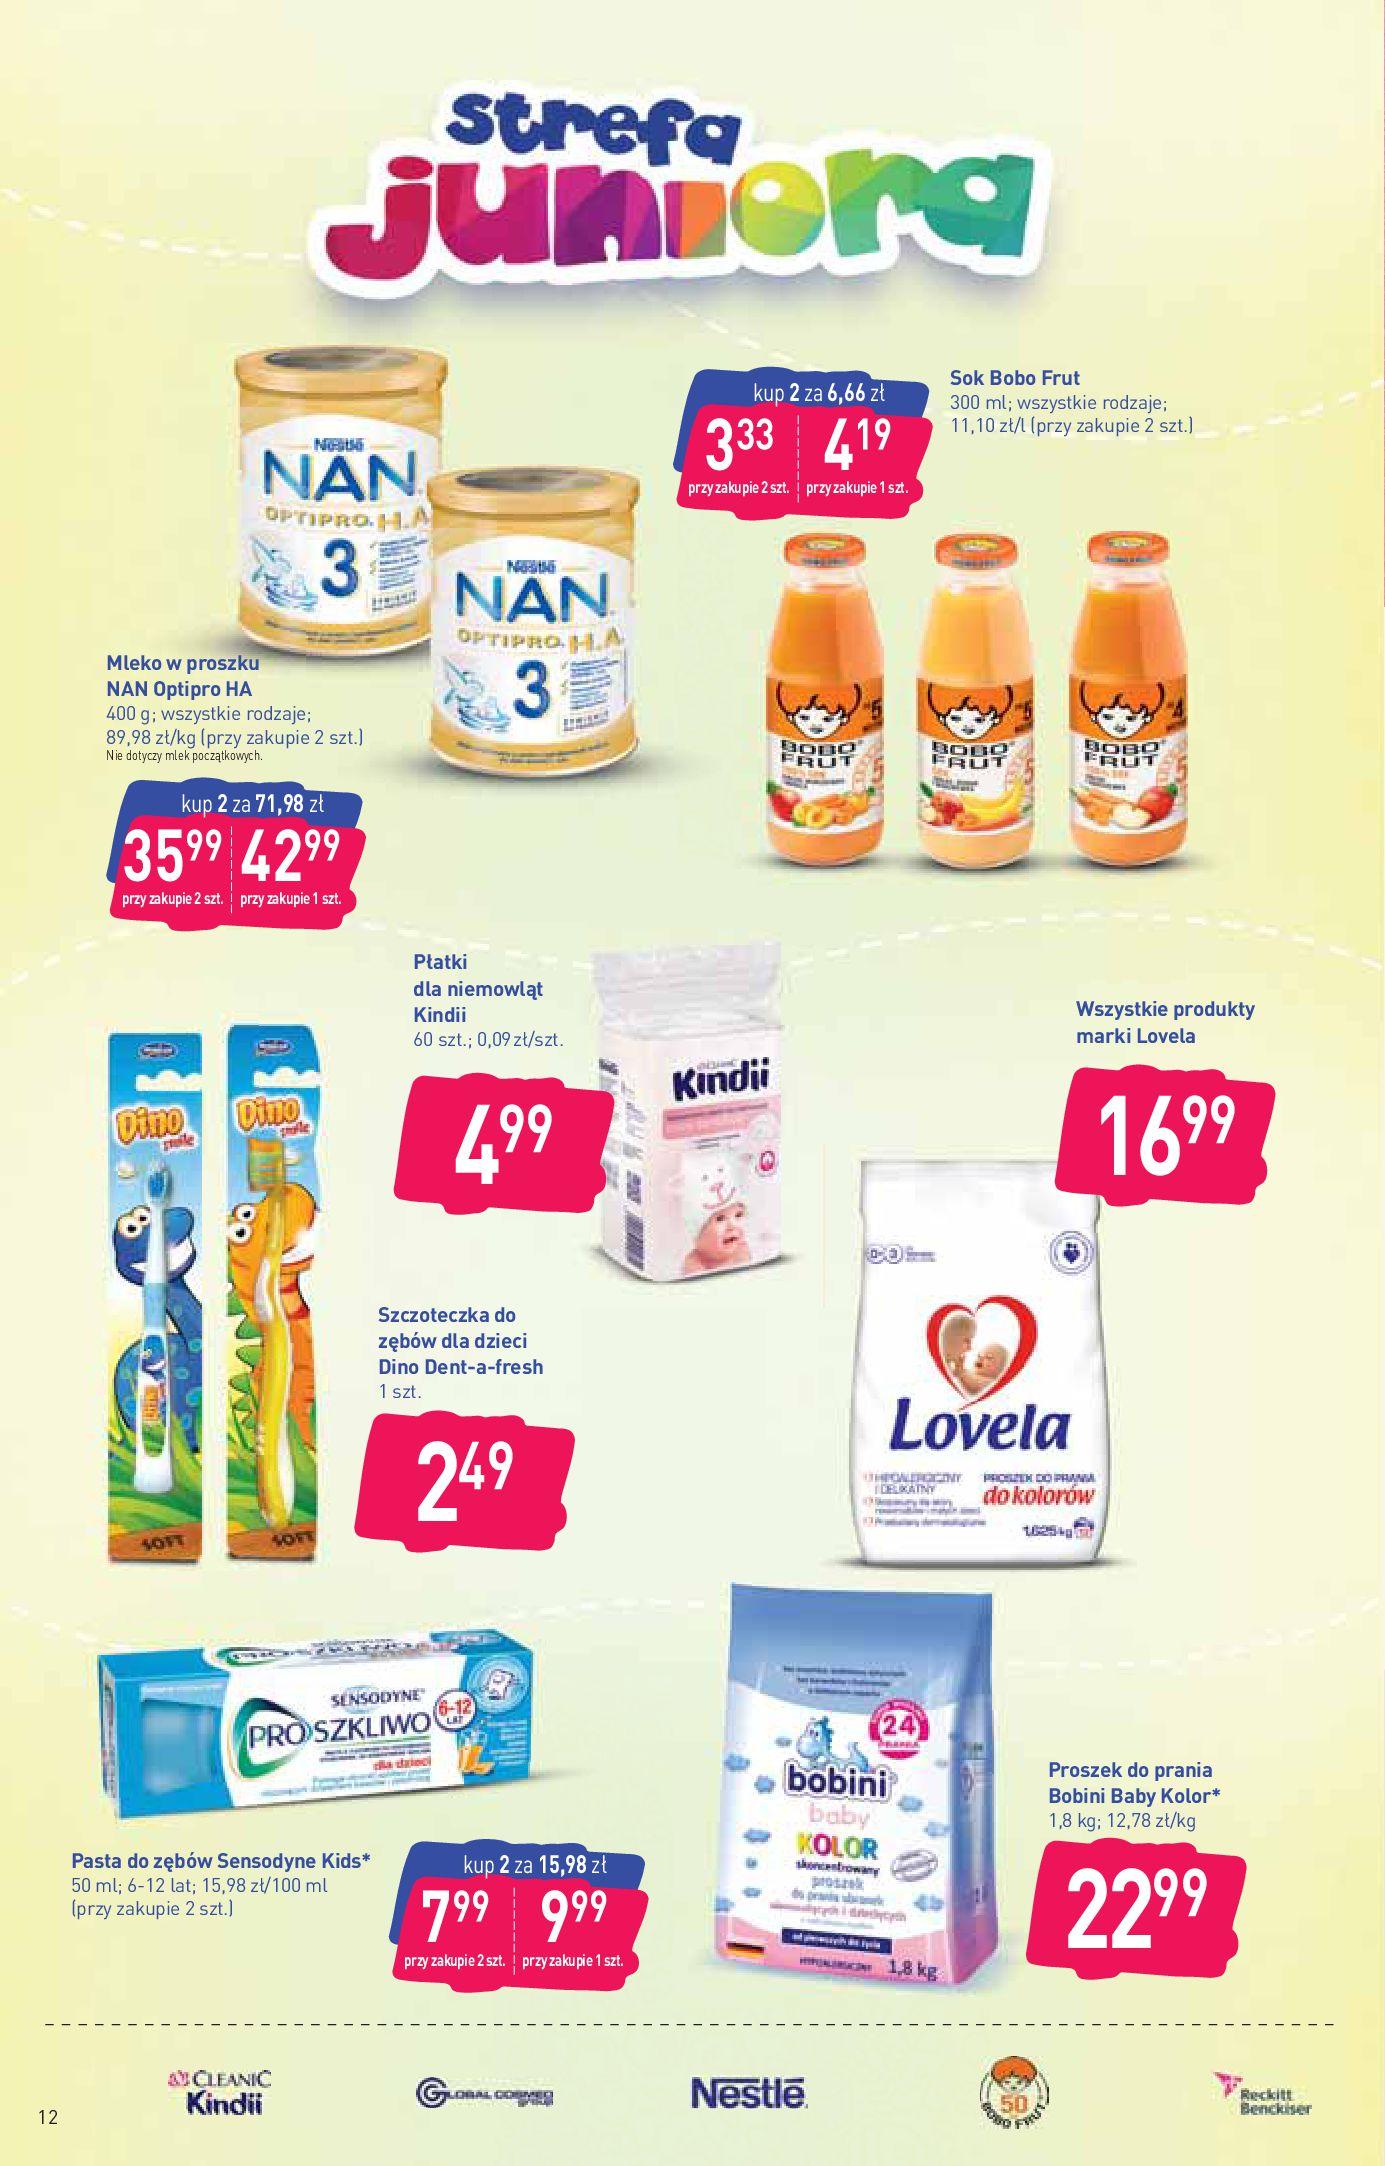 Gazetka Stokrotka Supermarket - Gazetka supermarket-13.08.2019-21.08.2019-page-12